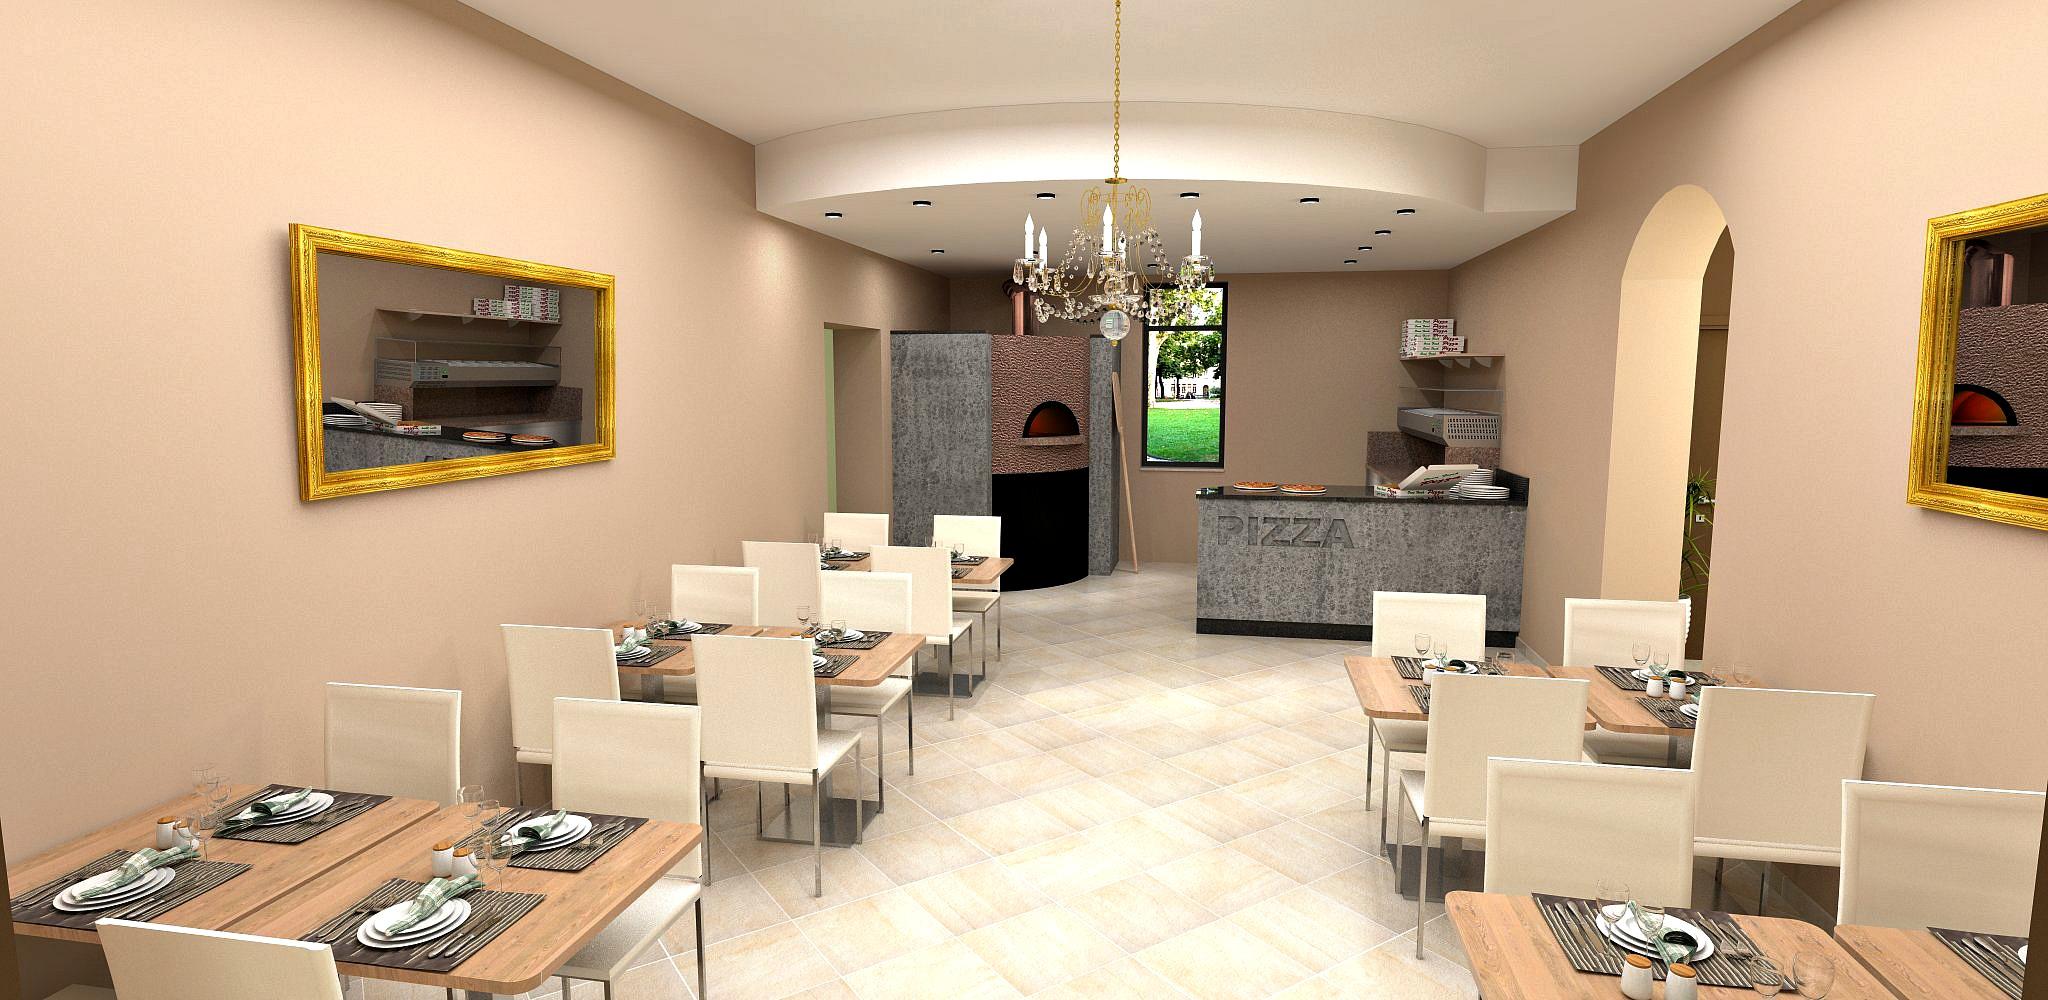 Bozza di realizzazione per la sala con angolo pizzeria per il Ristorante Pizzeria Parsifal a Curnasco in Provincia di Bergamo